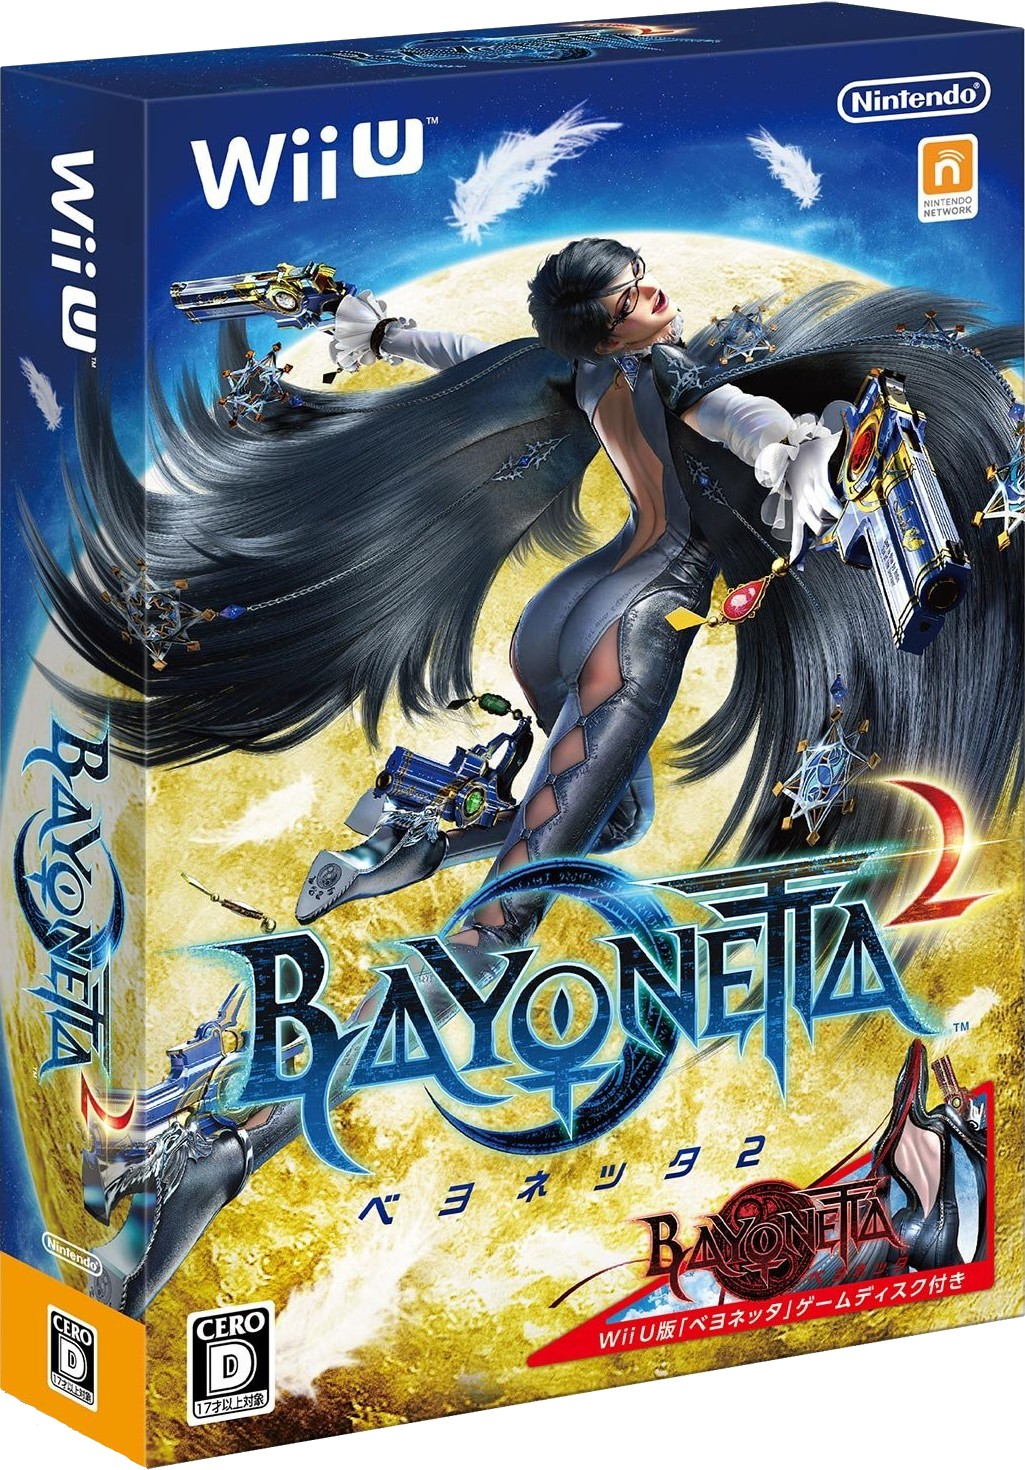 Bayonetta 2 Japan Pack 002